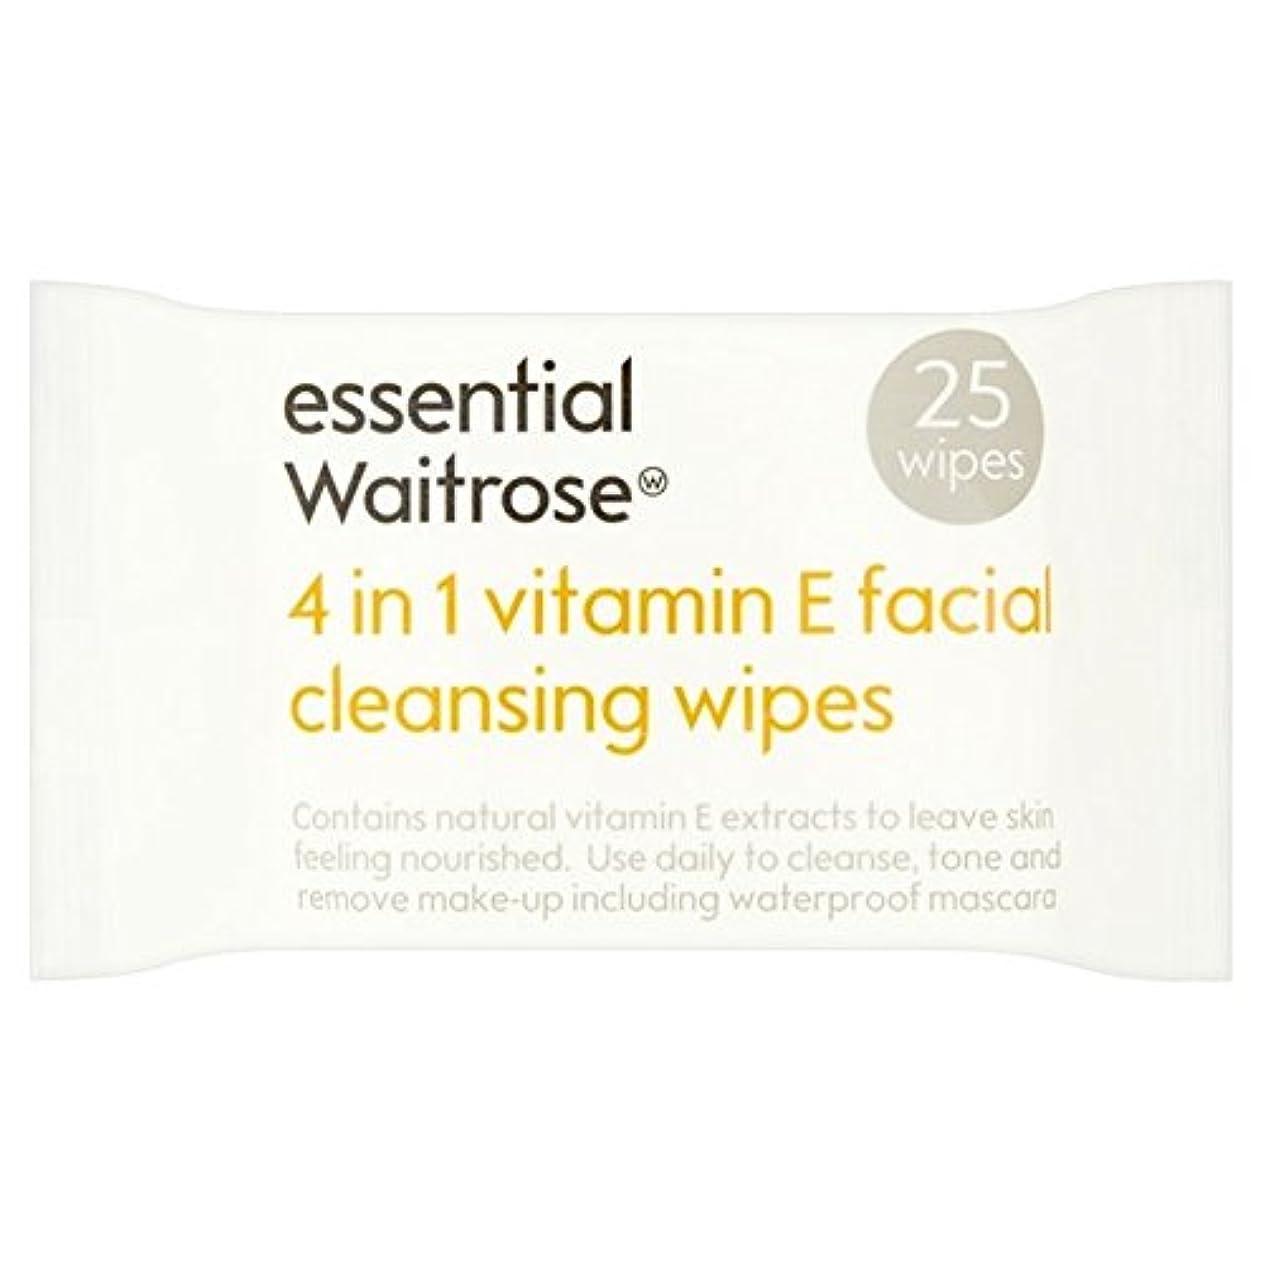 コンパニオンアーティファクトずっと1つのクレンジングで4不可欠パックあたりのビタミンウェイトローズ25ワイプ x4 - Essential 4 in 1 Cleansing Wipes Vitamin E Waitrose 25 per pack (Pack...